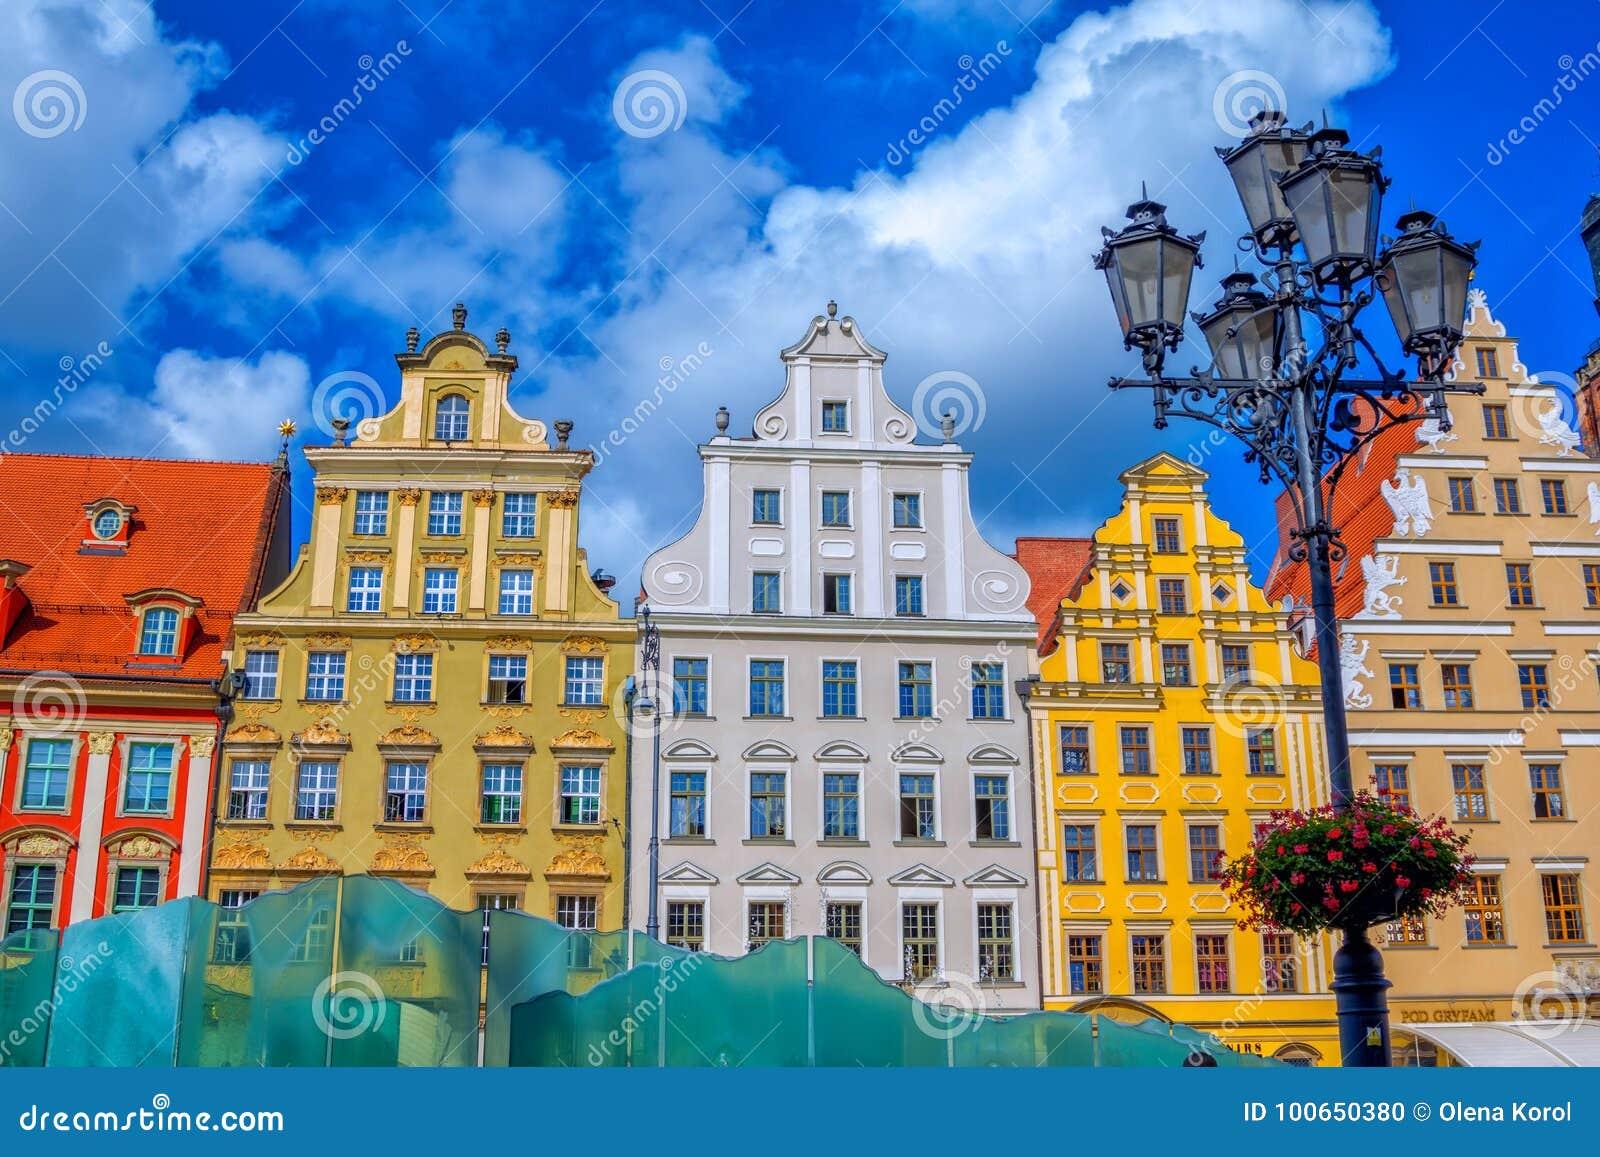 Arquitetura da cidade do mercado velho da cidade de Wroclaw com construções históricas coloridas